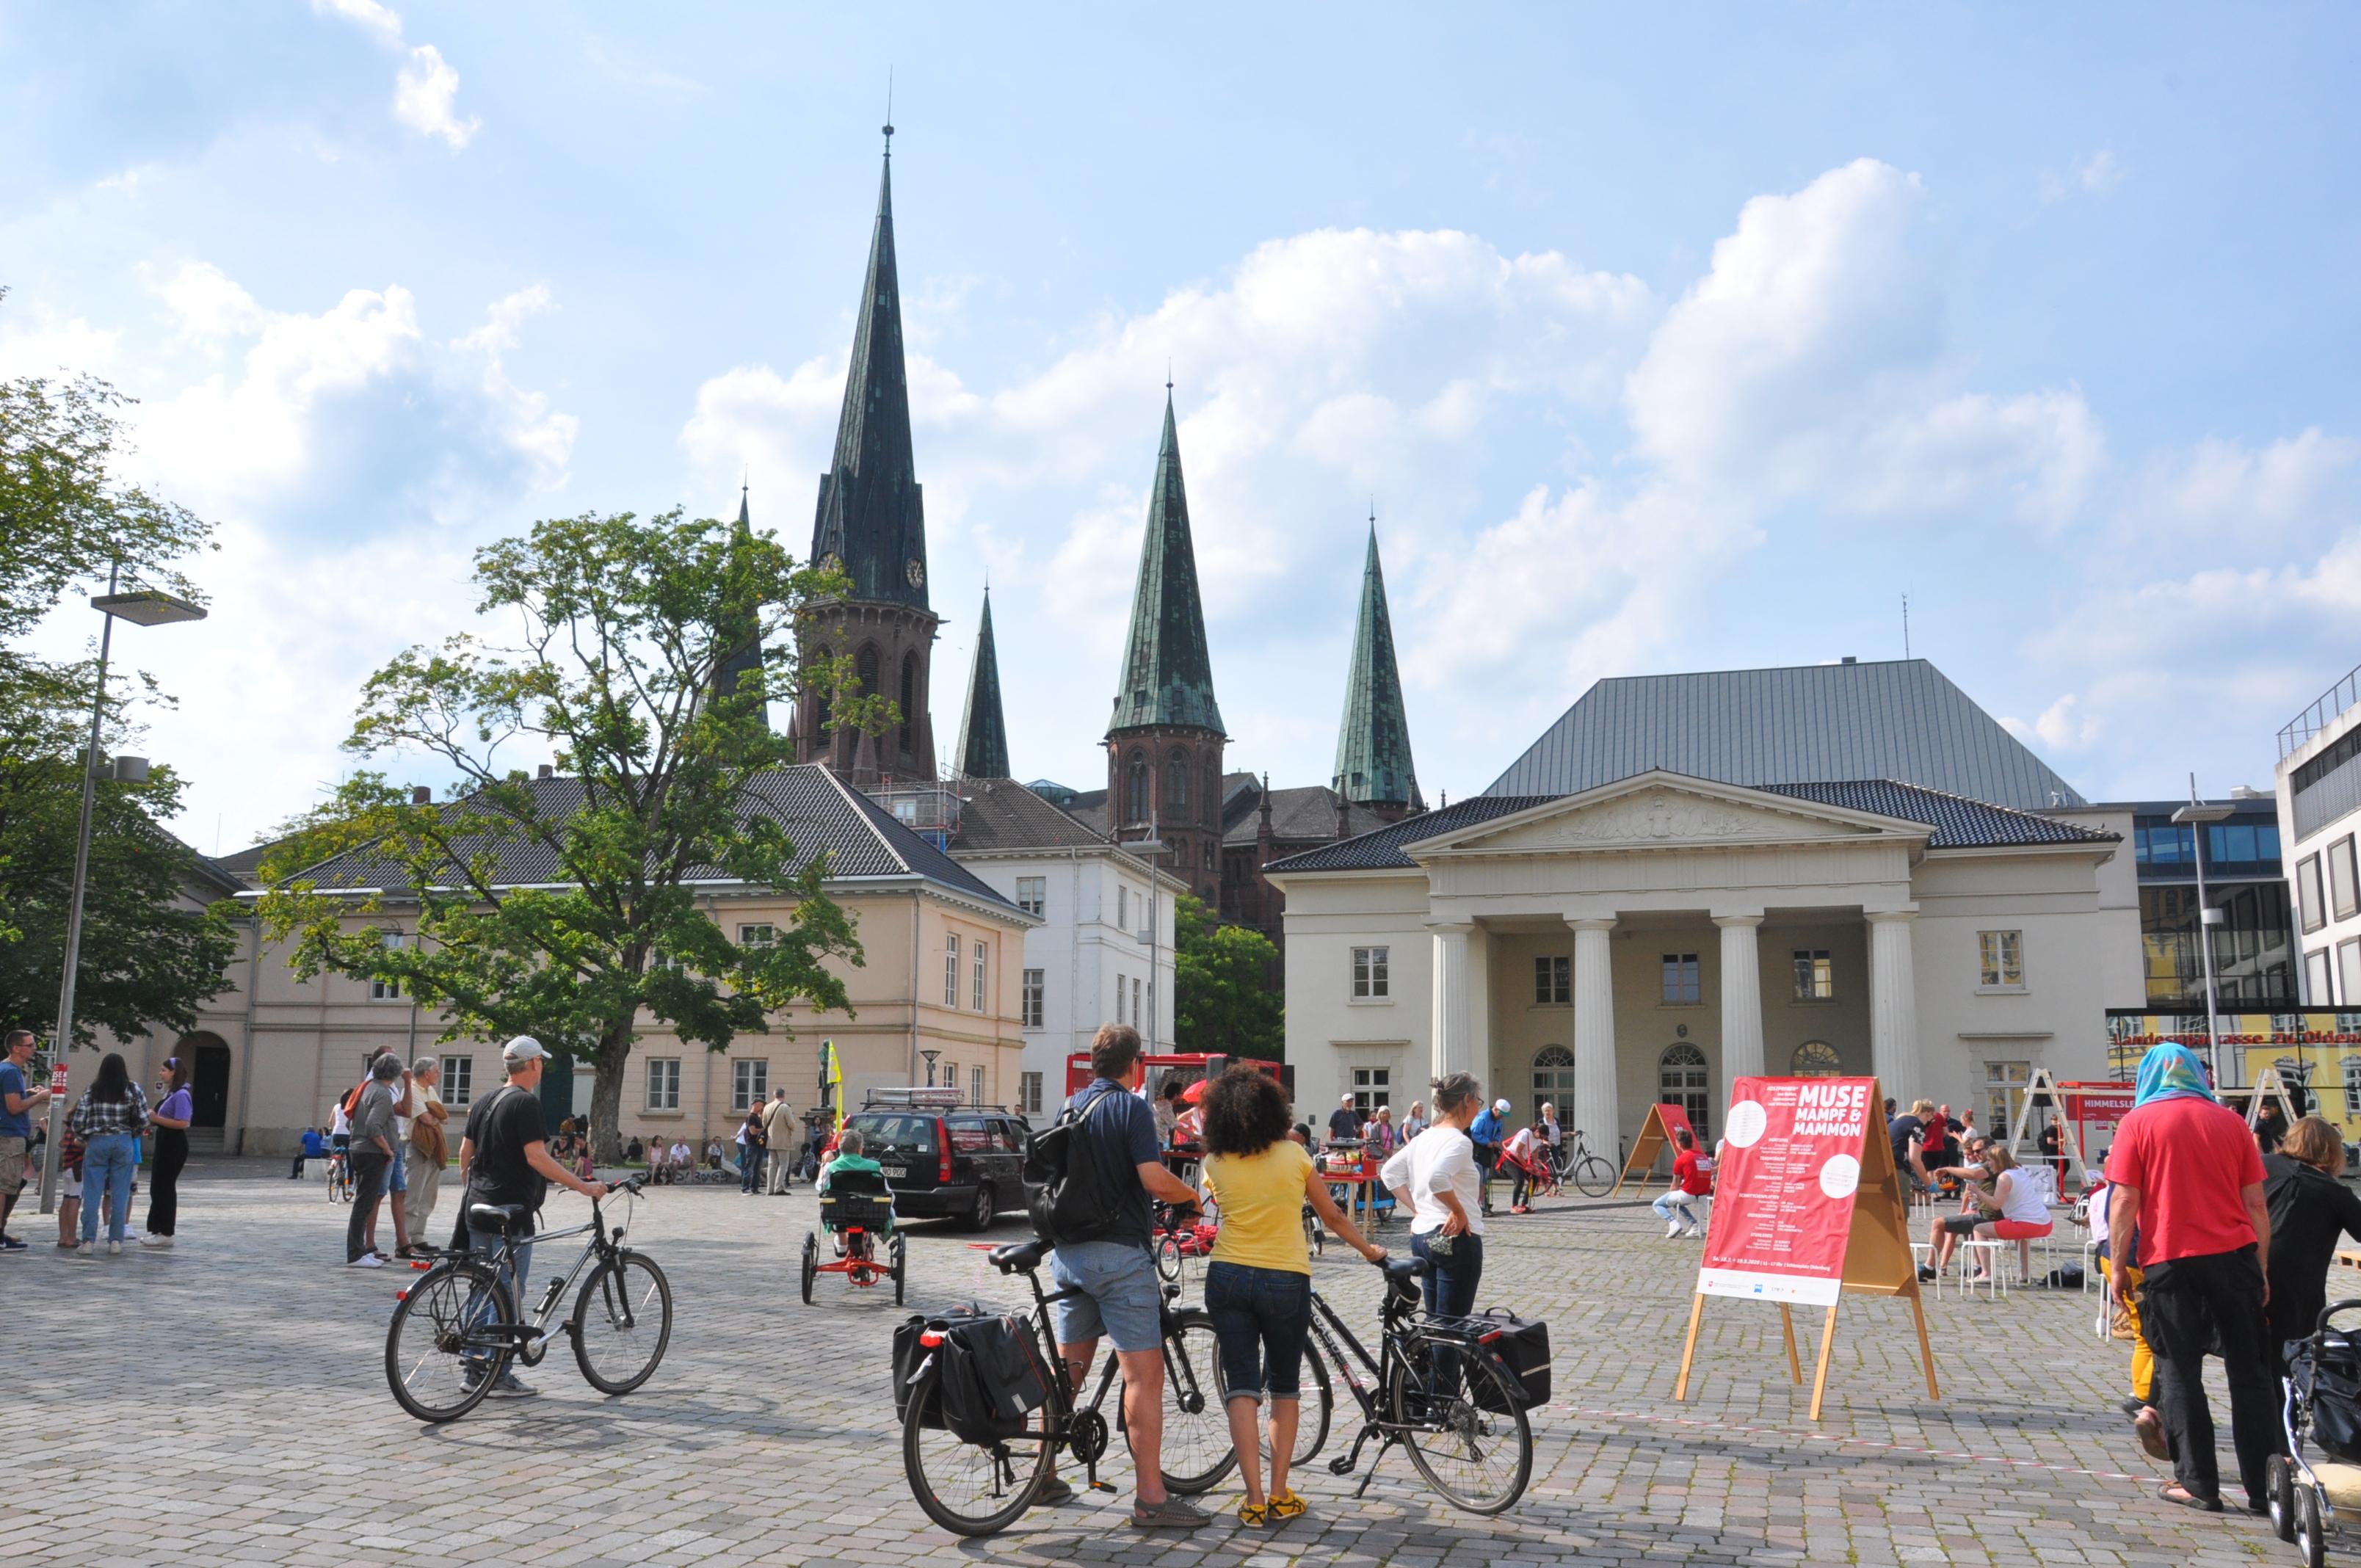 schloßplatz-radfahren-in-oldenburg